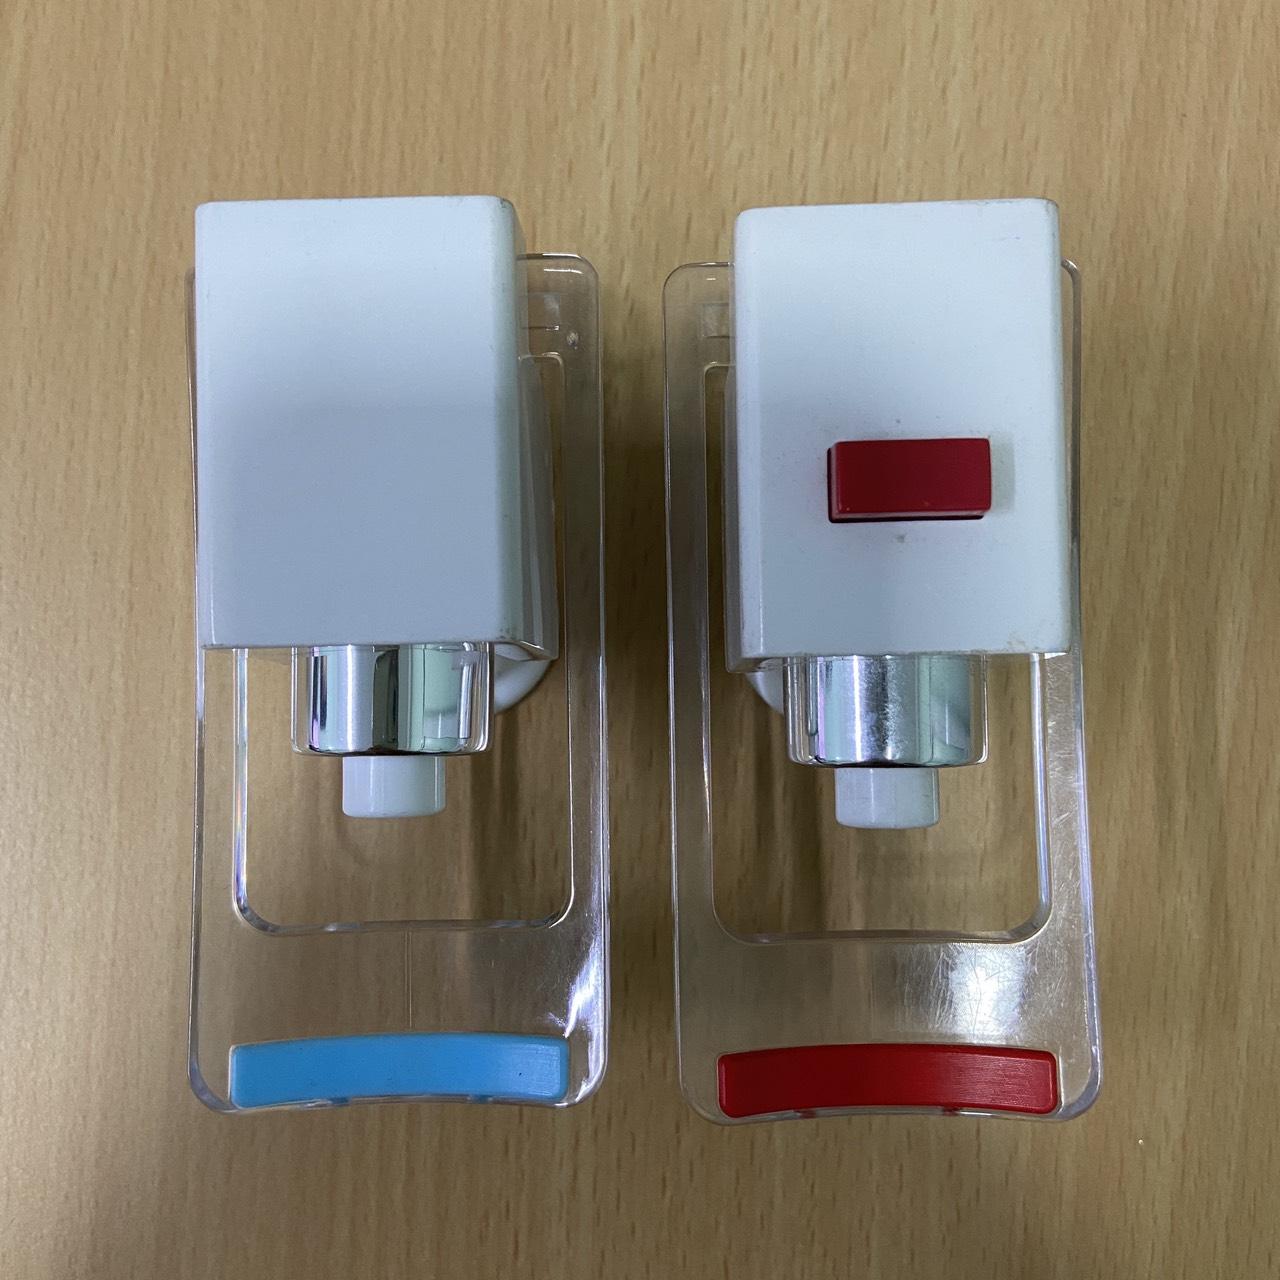 Vòi nóng - Vòi lạnh : Model 218/800/816 : Màu trắng